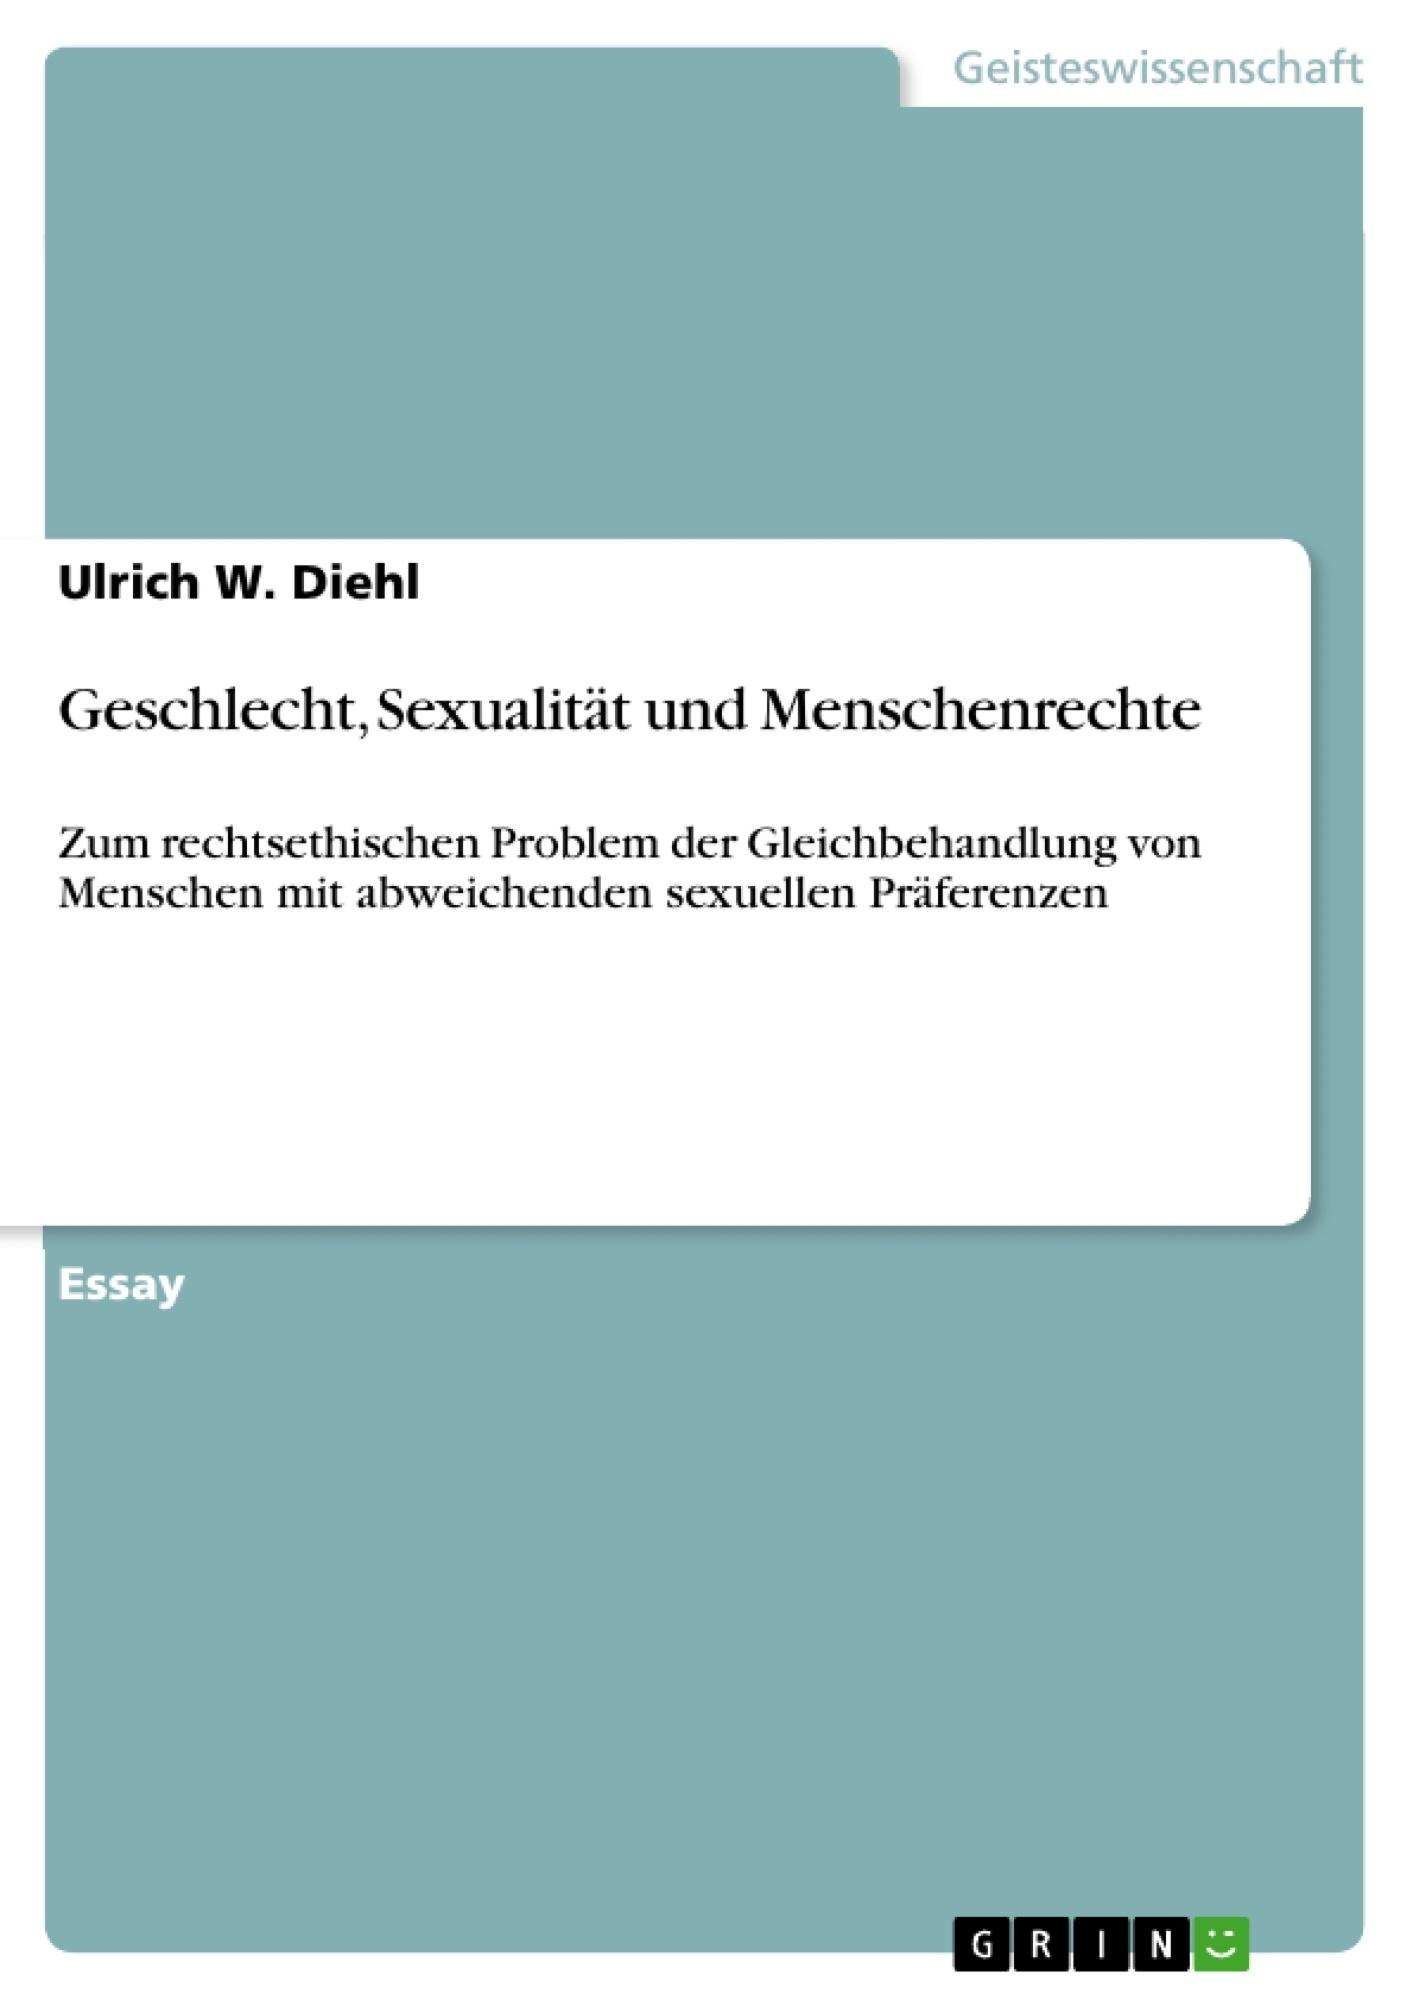 Titel: Geschlecht, Sexualität und Menschenrechte